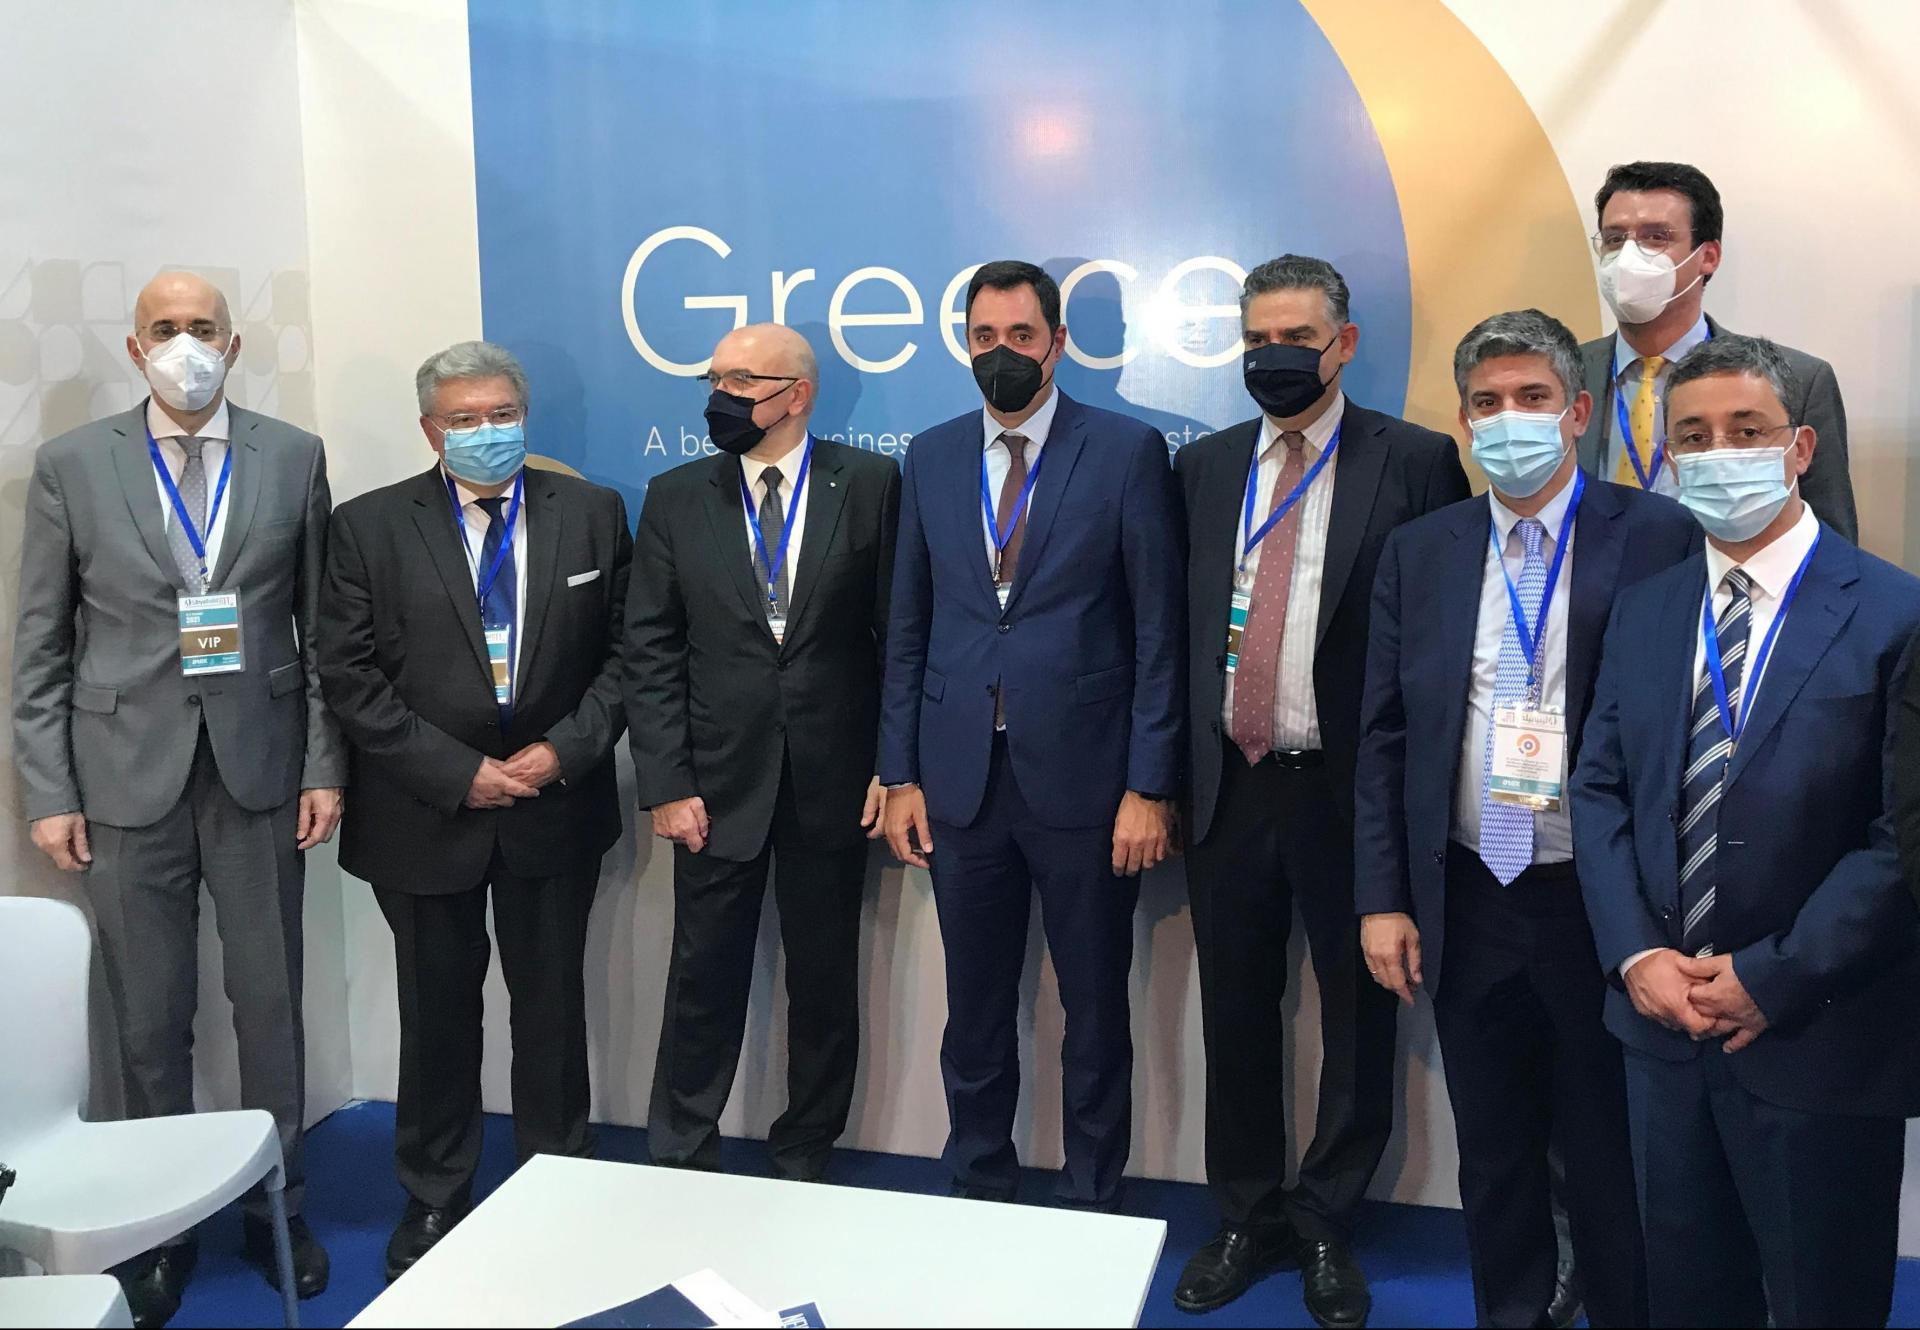 Επιτυχημένη η πρώτη επιχειρηματική αποστολή στη Λιβύη από την Enterprise Greece